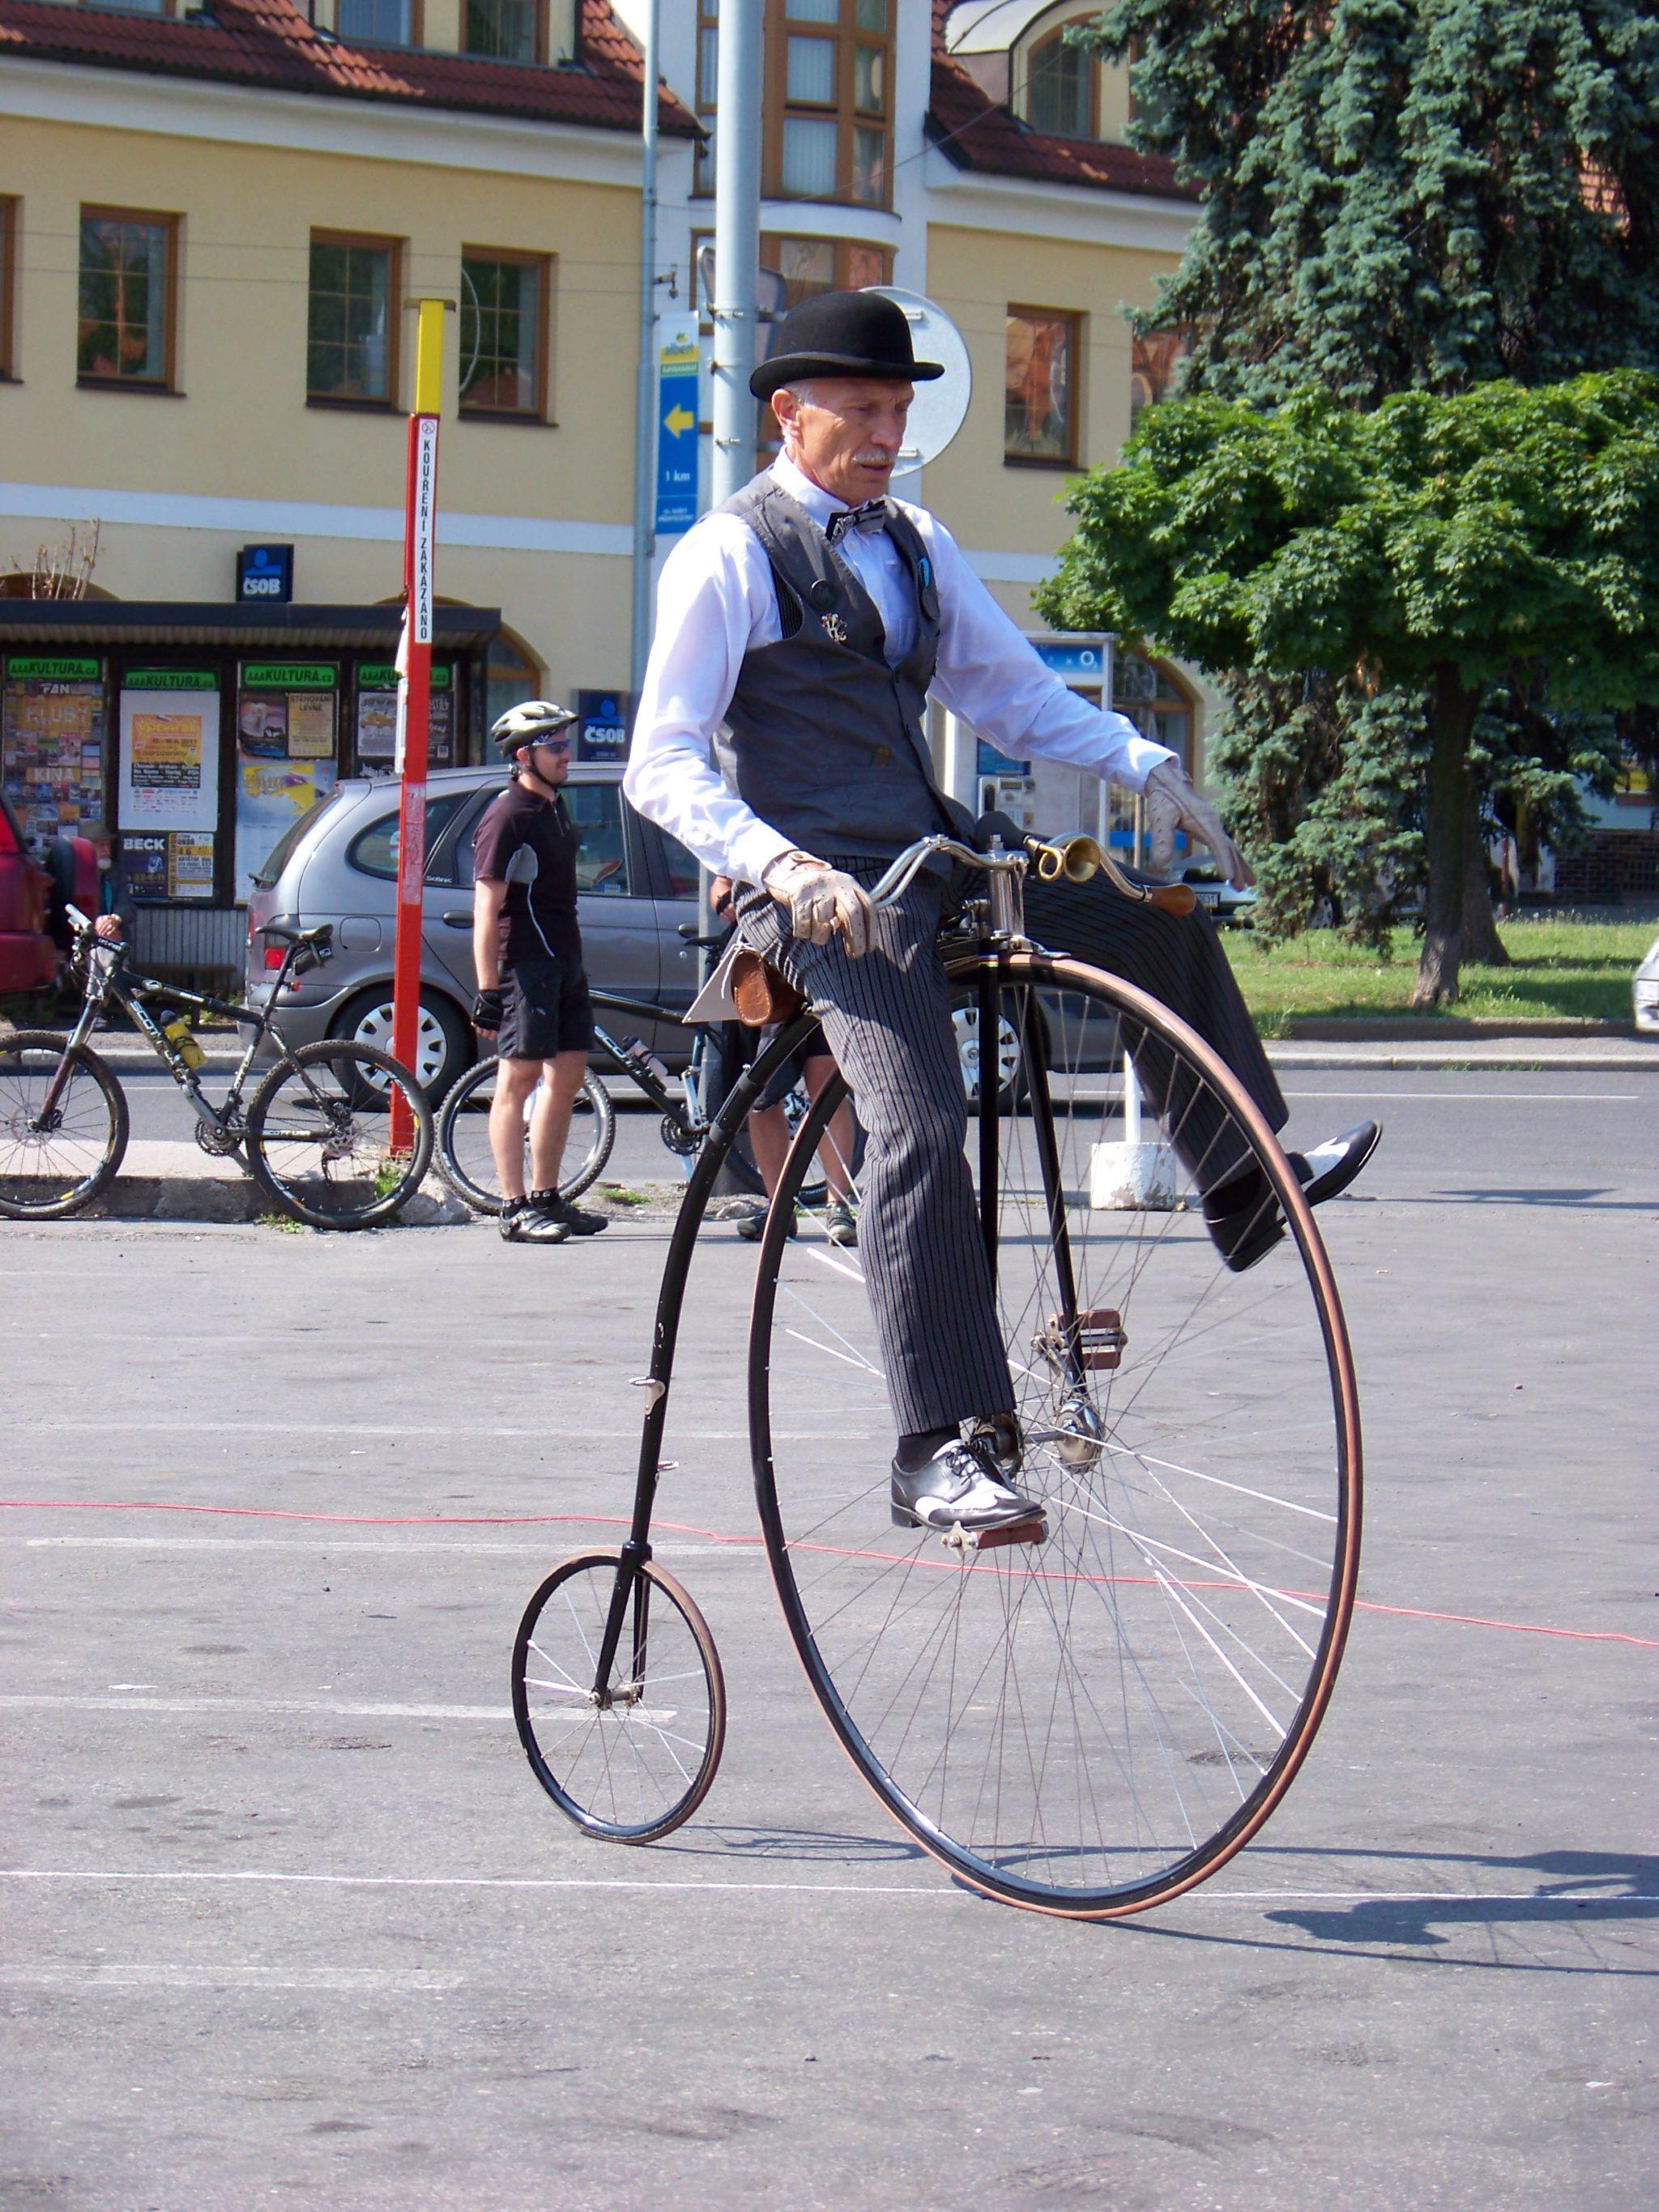 Wacklige Angelegenheit: Vom Hochrad fällt man weit hinunter. Etwa 200'000 solche Zweiräder wurden zwischen 1870 bis 1892 hergestellt.